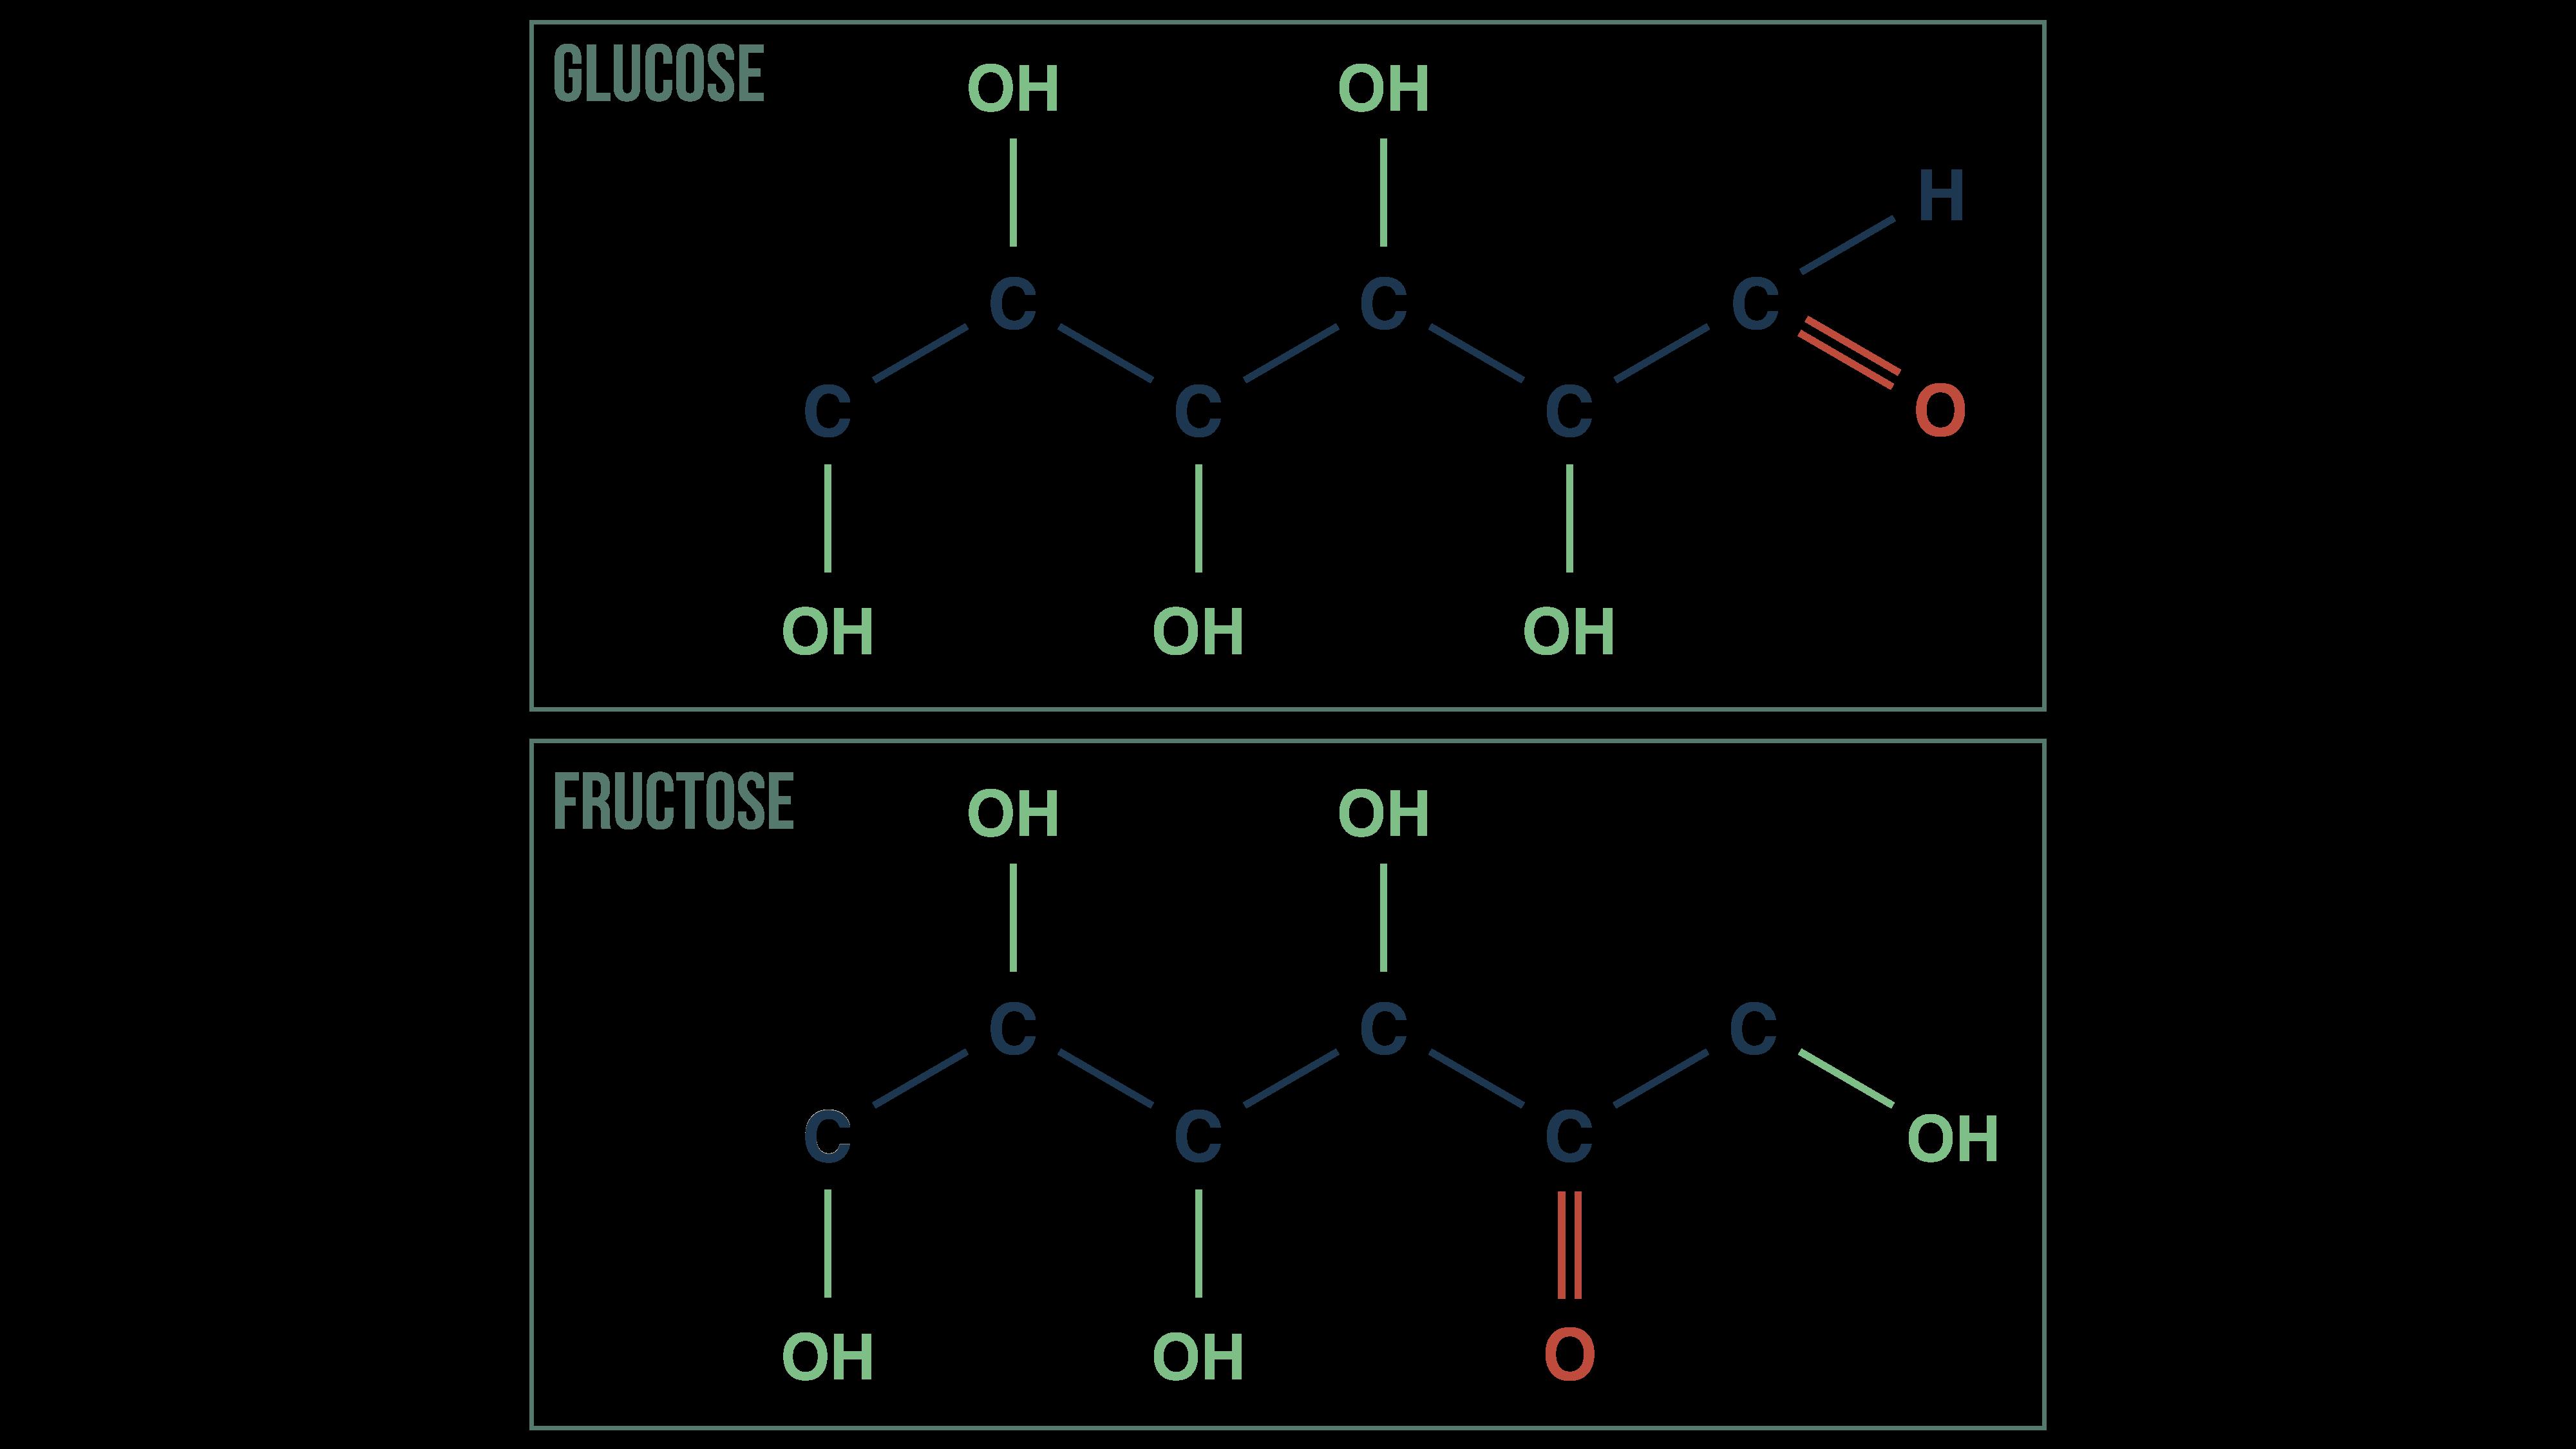 Représentation du glucose et du fructose